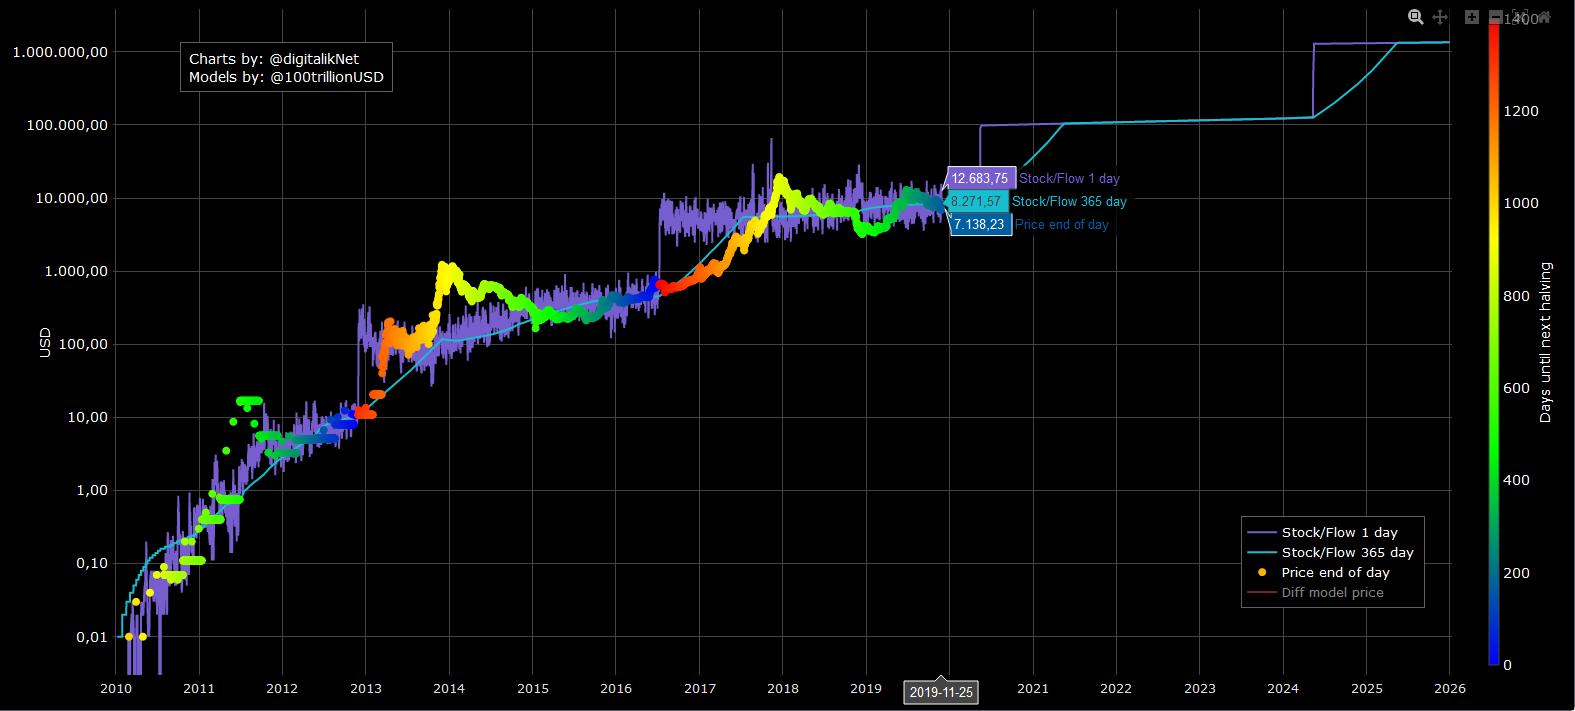 Métrica de Stock to Flow (S2F) de Bitcoin para realizar predicciones de su precio